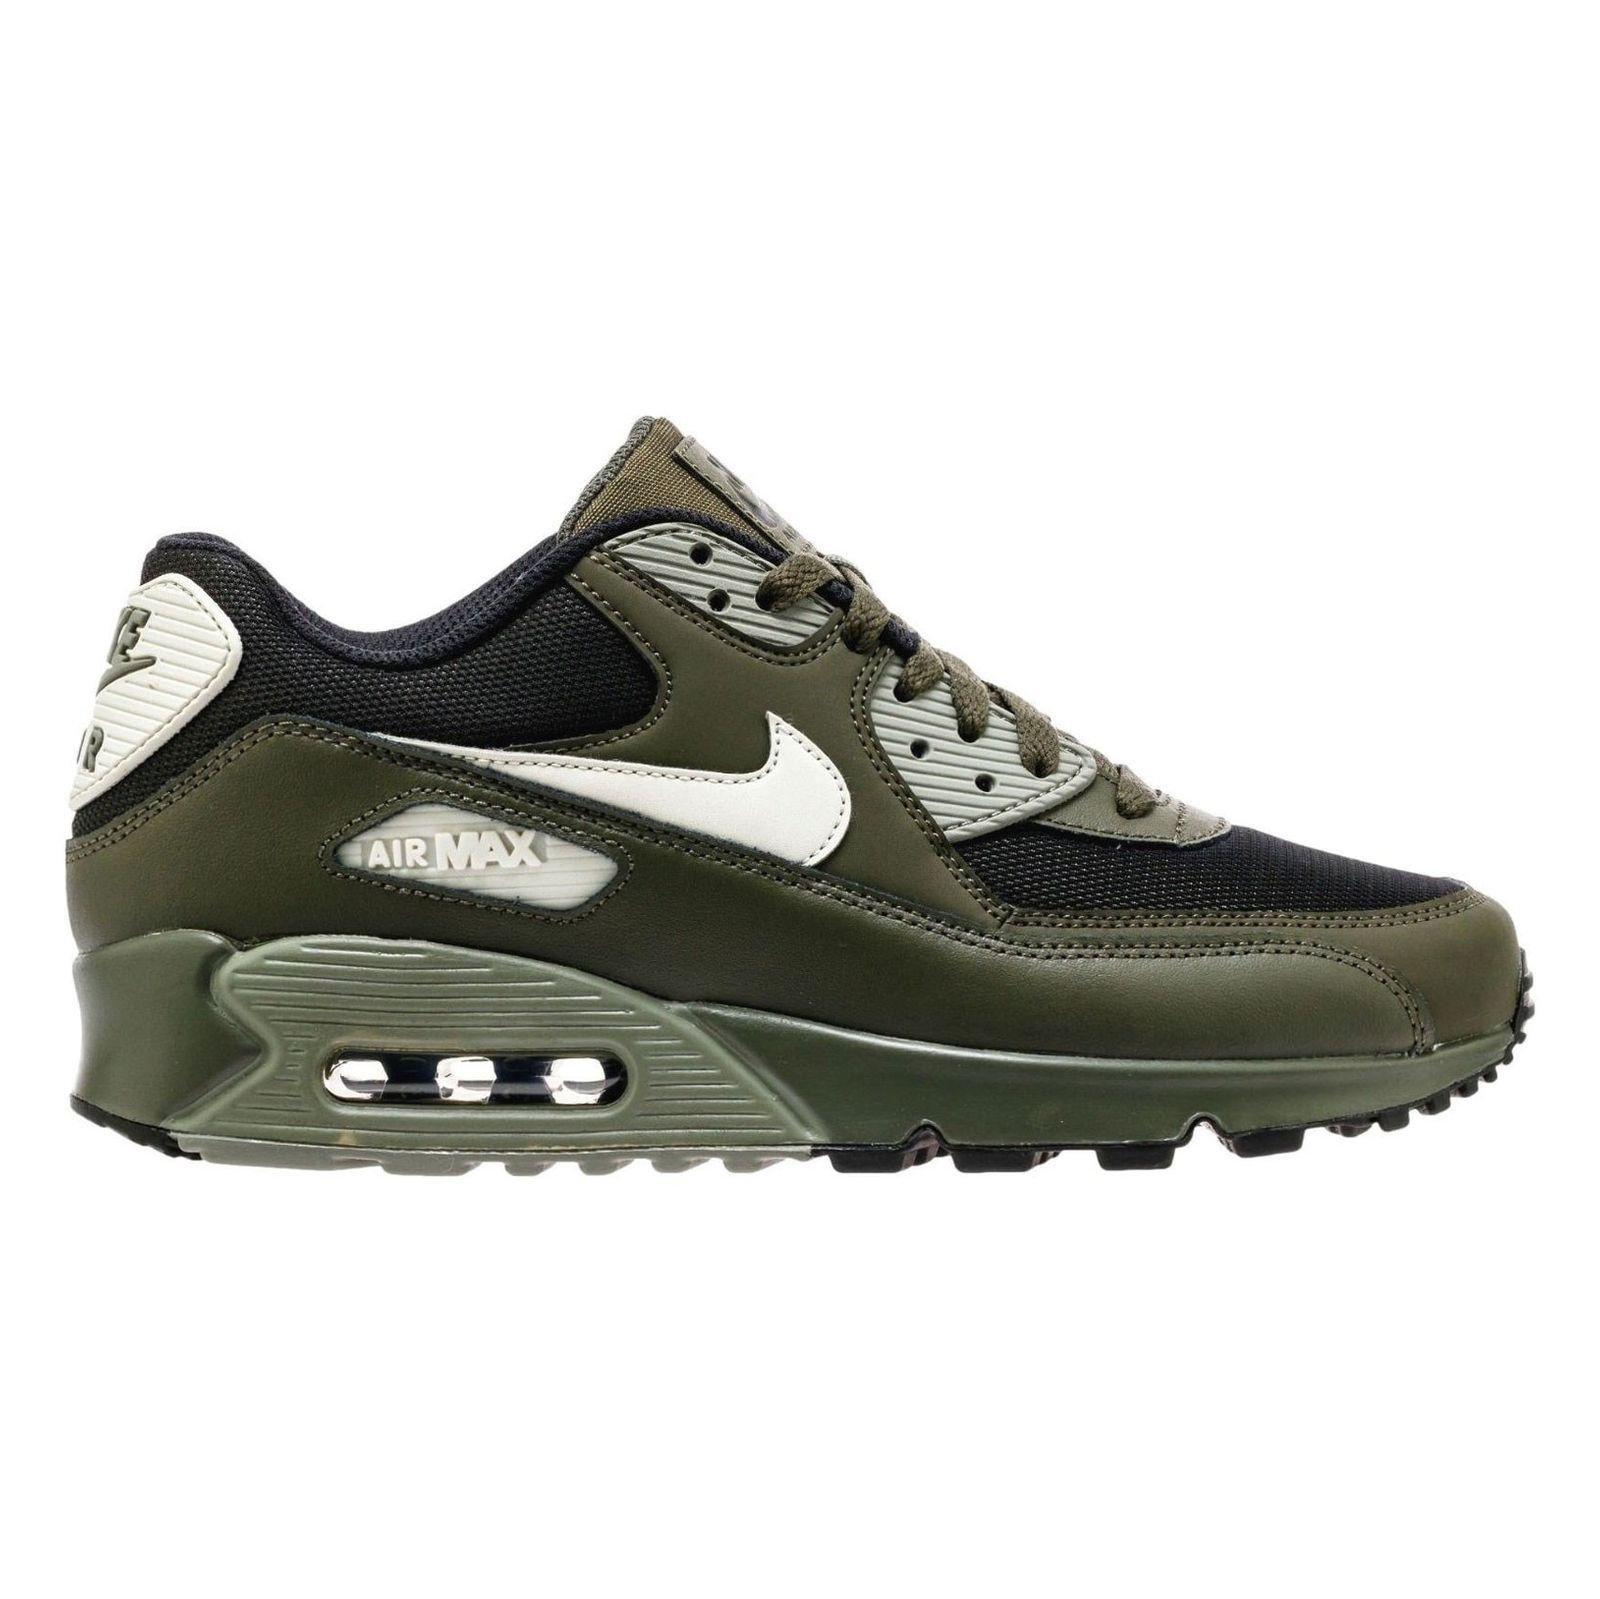 کفش ورزشی دویدن مردانه Air Max 90 Essential - نایکی - زيتوني تيره - 1